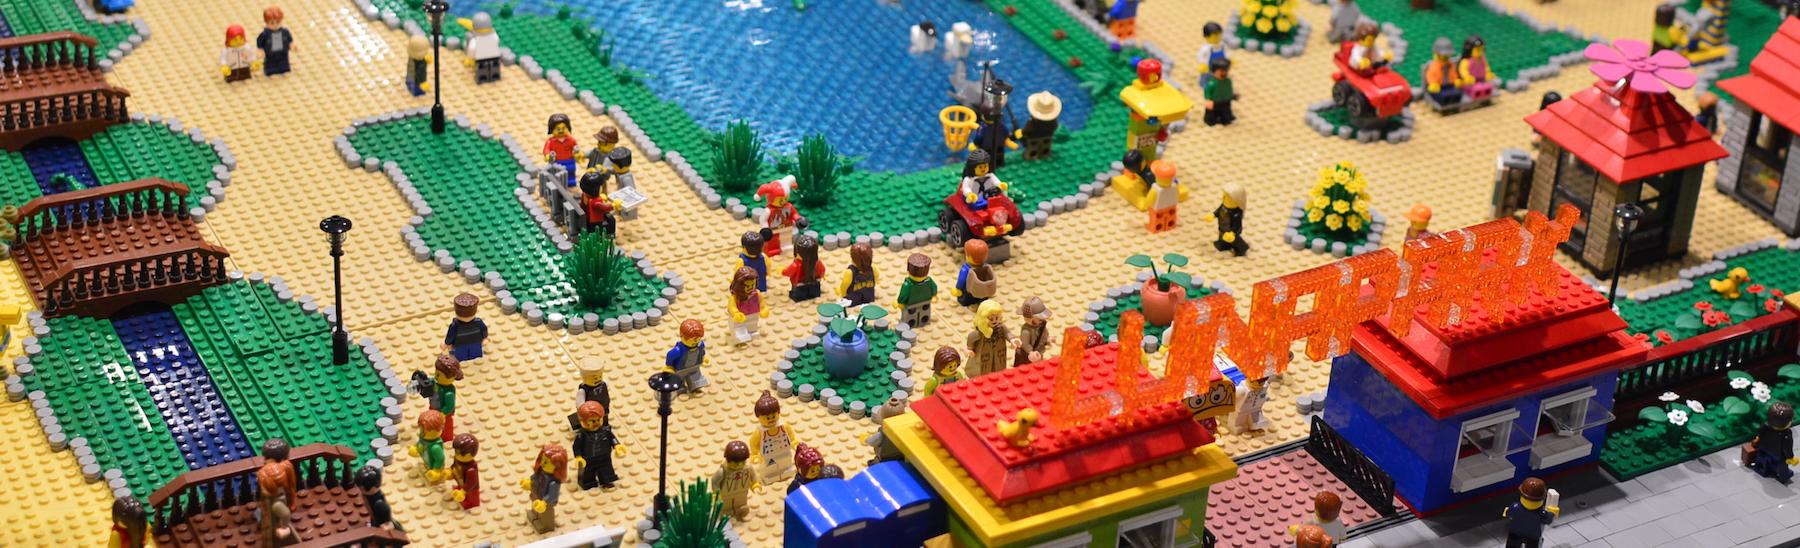 Największa w Polsce edukacyjna wystawa budowli z klocków Lego – galeria Spider's Web